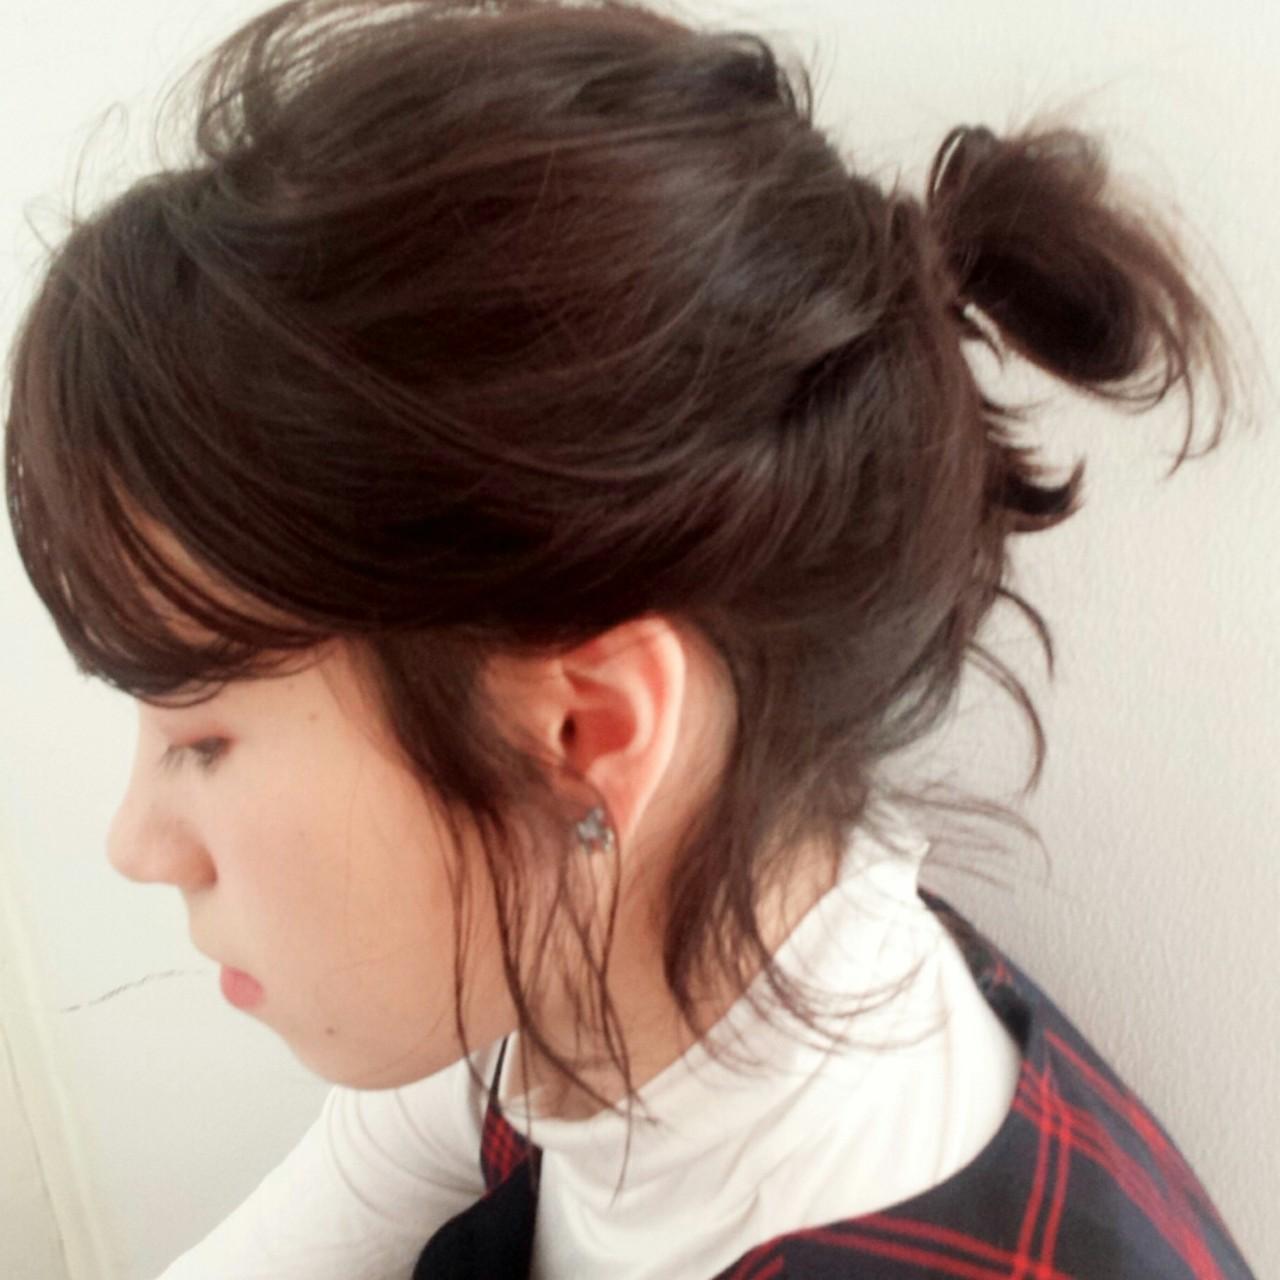 ゆるっと可愛い王道ヘアアレンジ♡キュートに仕上がるおだんごヘアまとめ 中原梨沙 nakayan